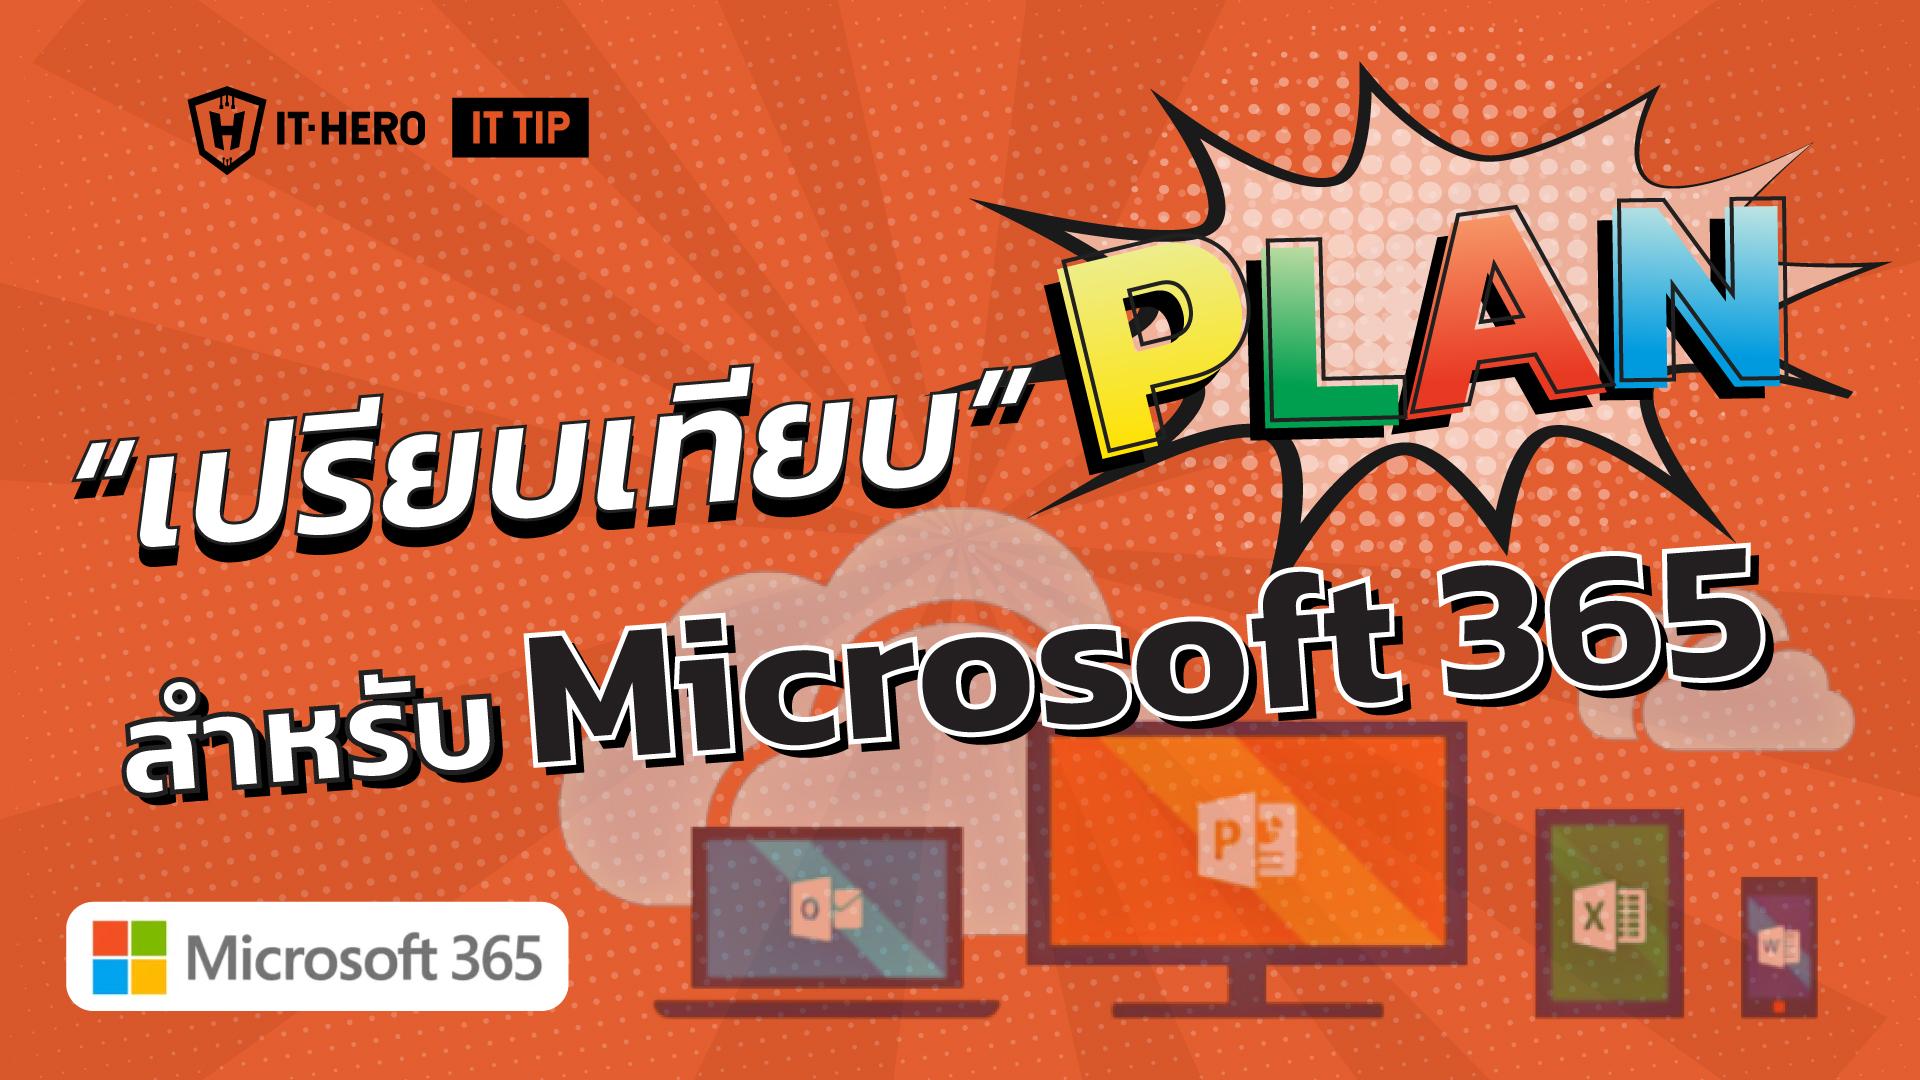 Microsoft Office มีกี่ประเภท และแตกต่างอย่างไรบ้าง และ SME ควรเลือกซื้ออย่างไร